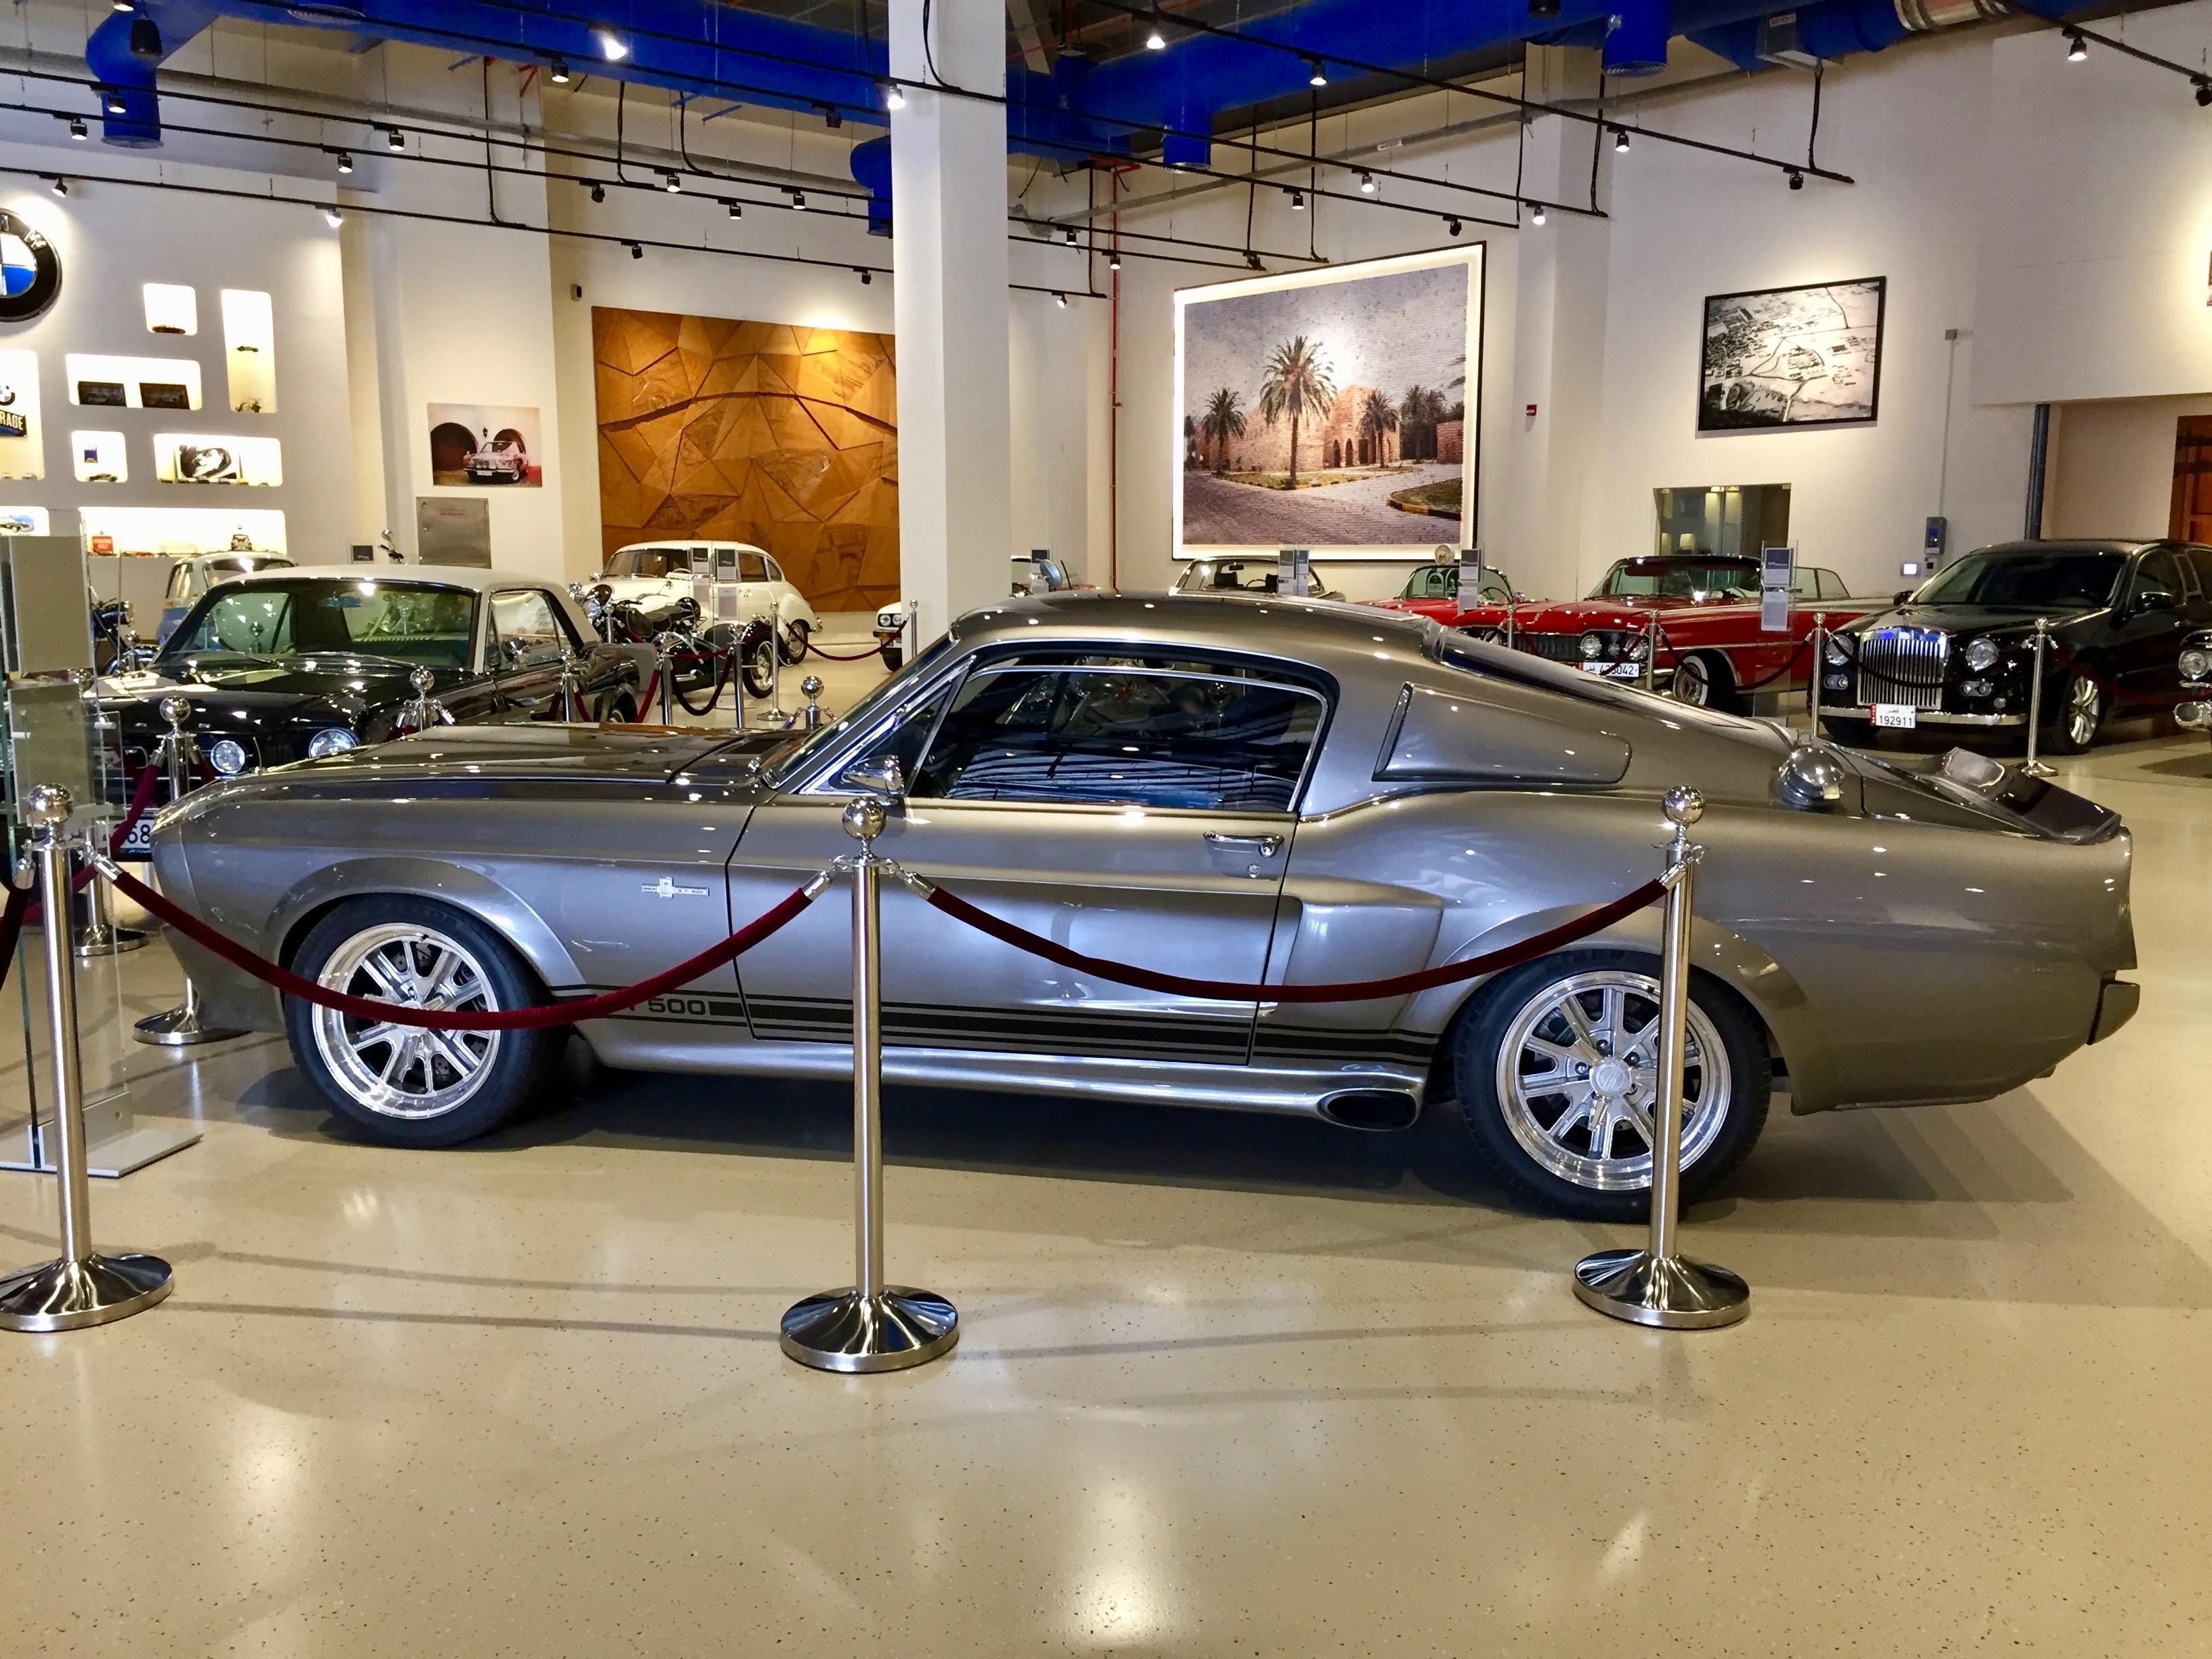 Al Khor, Qatar - Al-Fardan Private Luxury Car Collection - Ford Shelby Cobra GT500